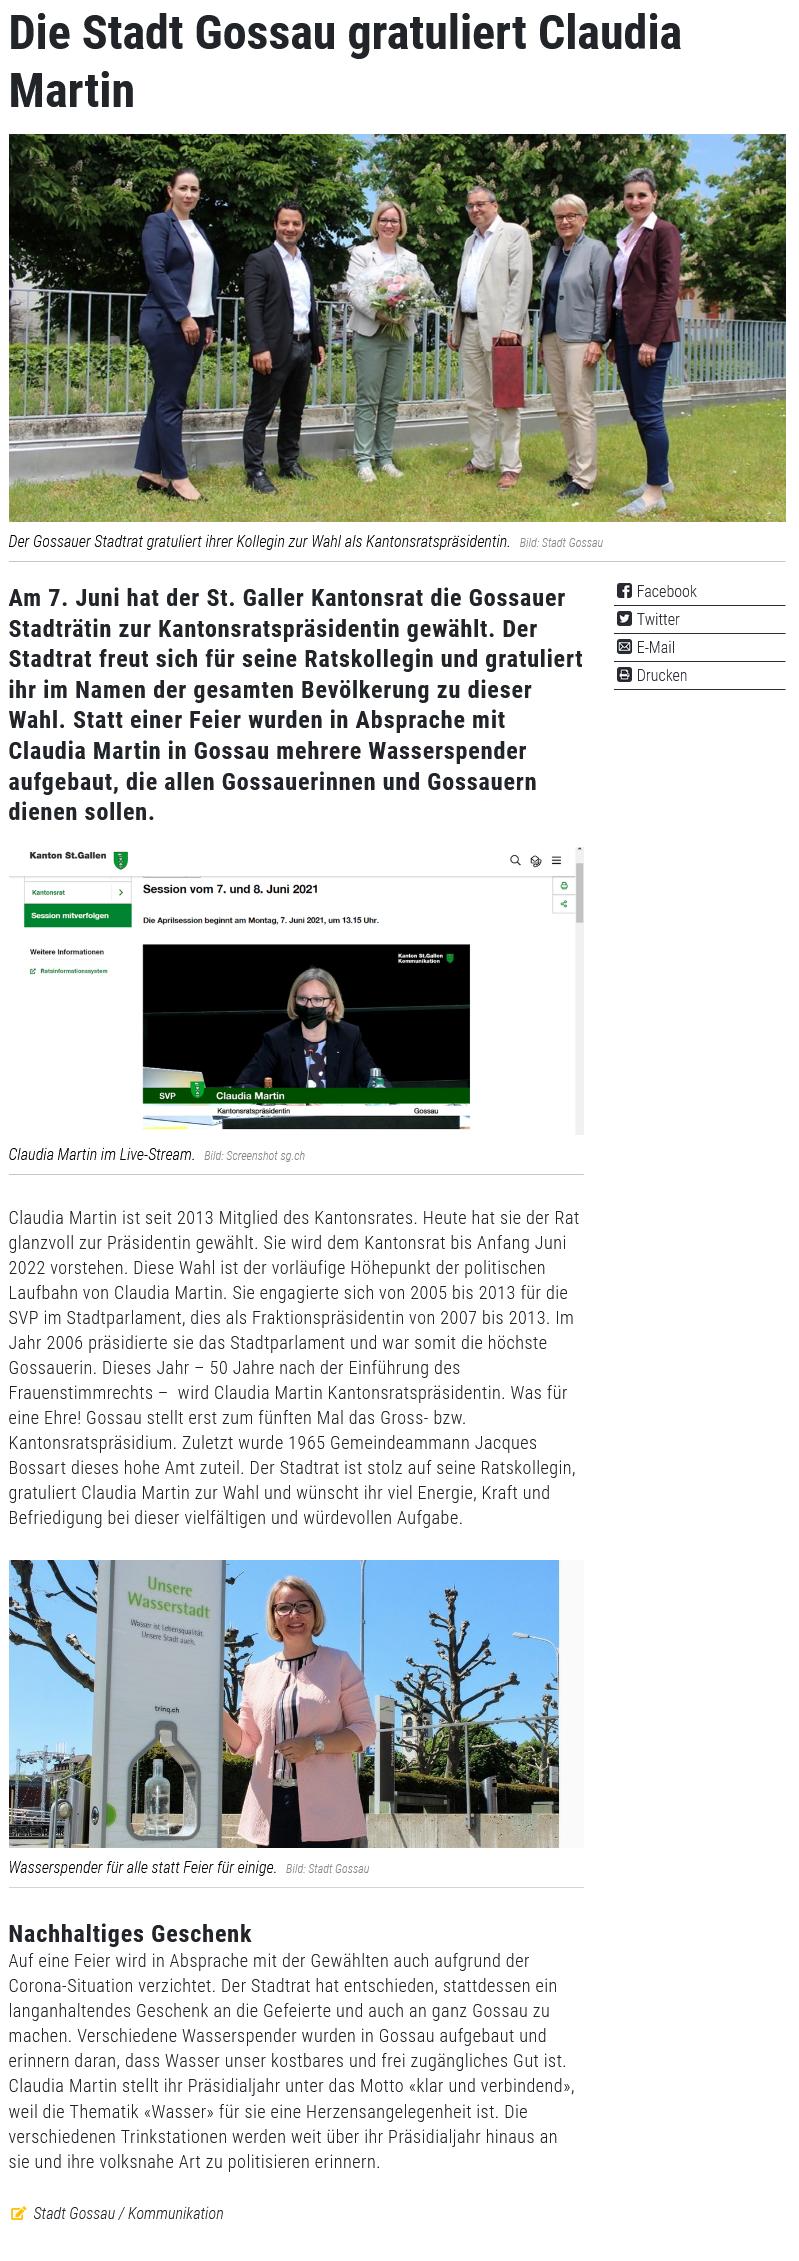 Die Stadt Gossau gratuliert Claudia Martin (Dienstag, 08.06.2021)